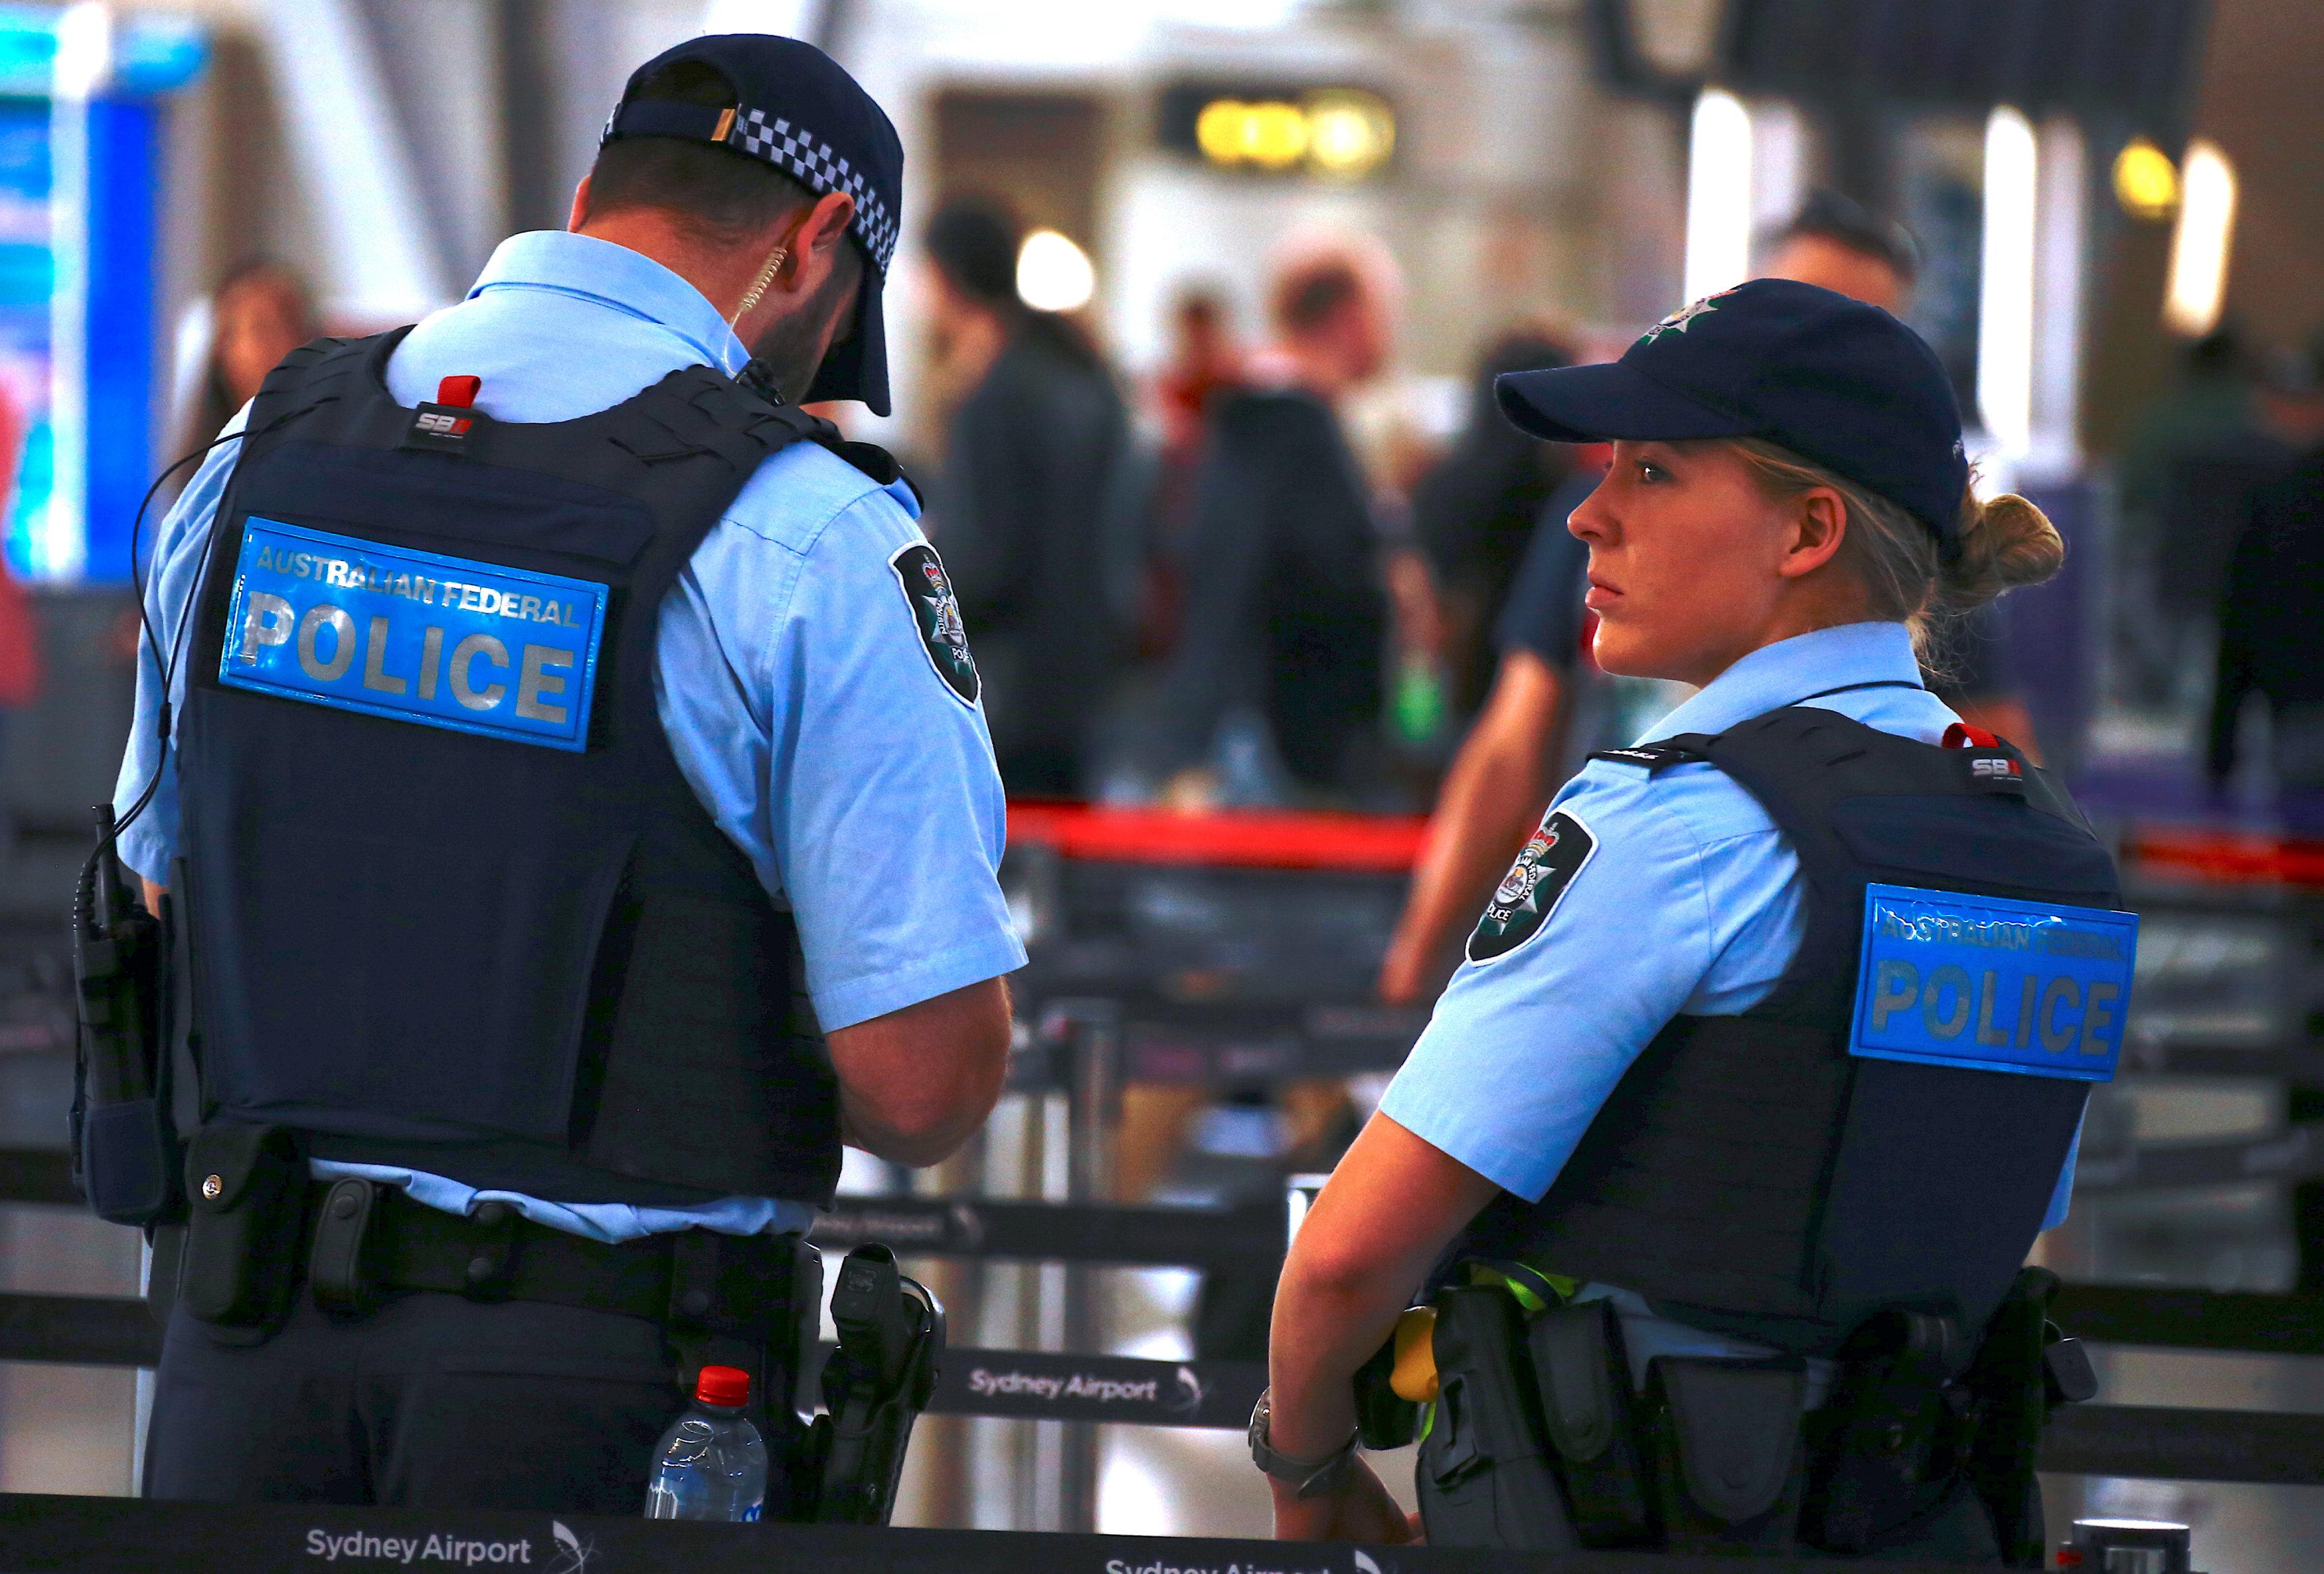 الشرطة الاتحادية الاسترالية